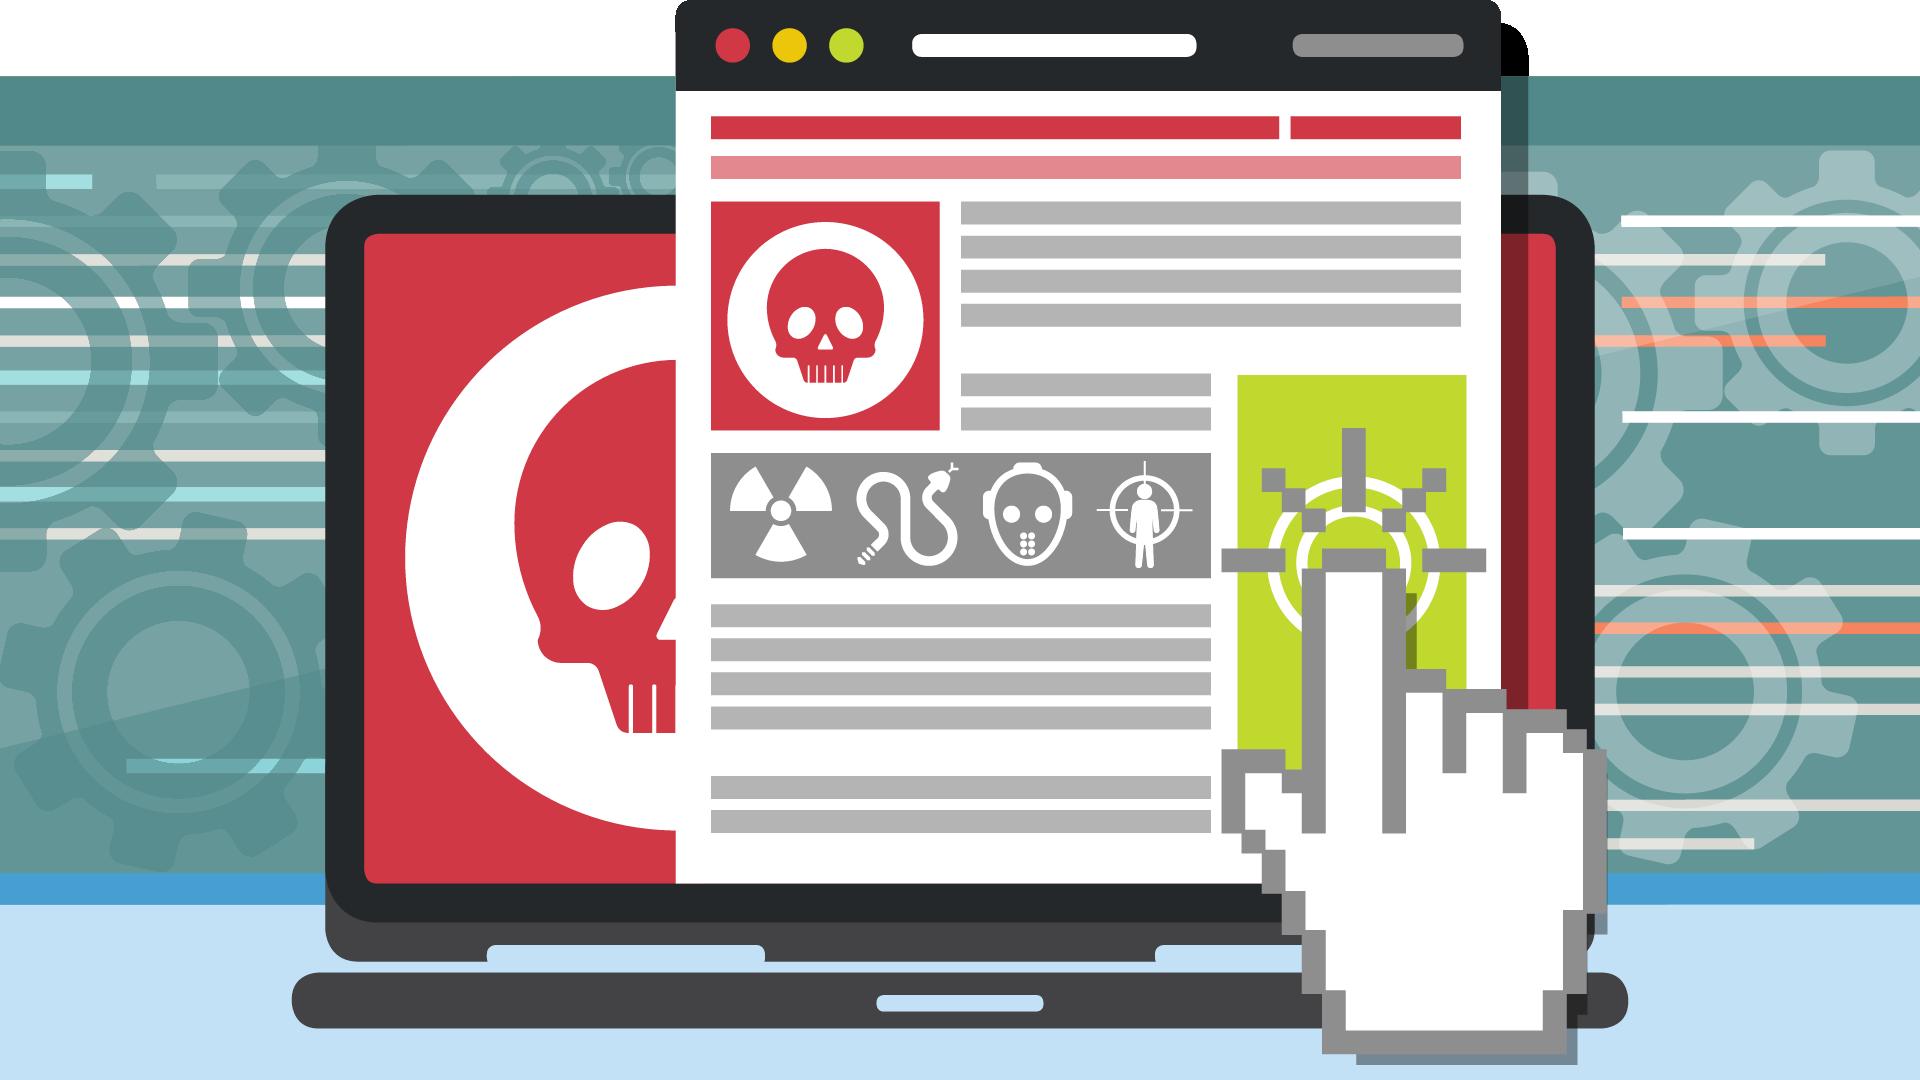 Quảng cáo video trên Youtube là một trong các nguyên nhân gây ảnh hưởng tới an toàn thương hiệu lớn nhất